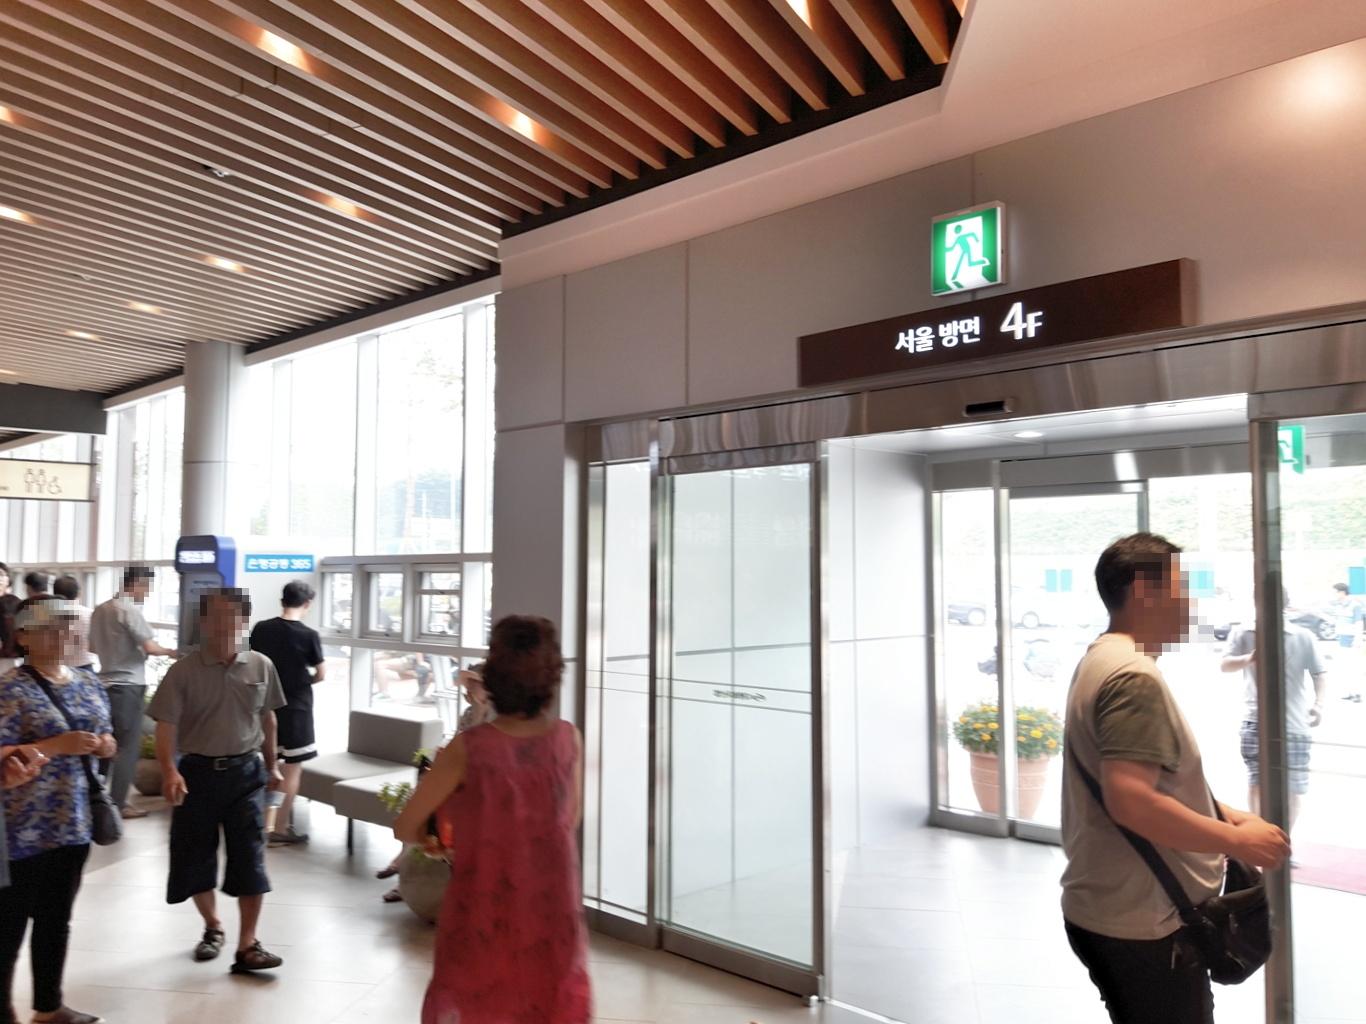 4층 서울방향 출입구